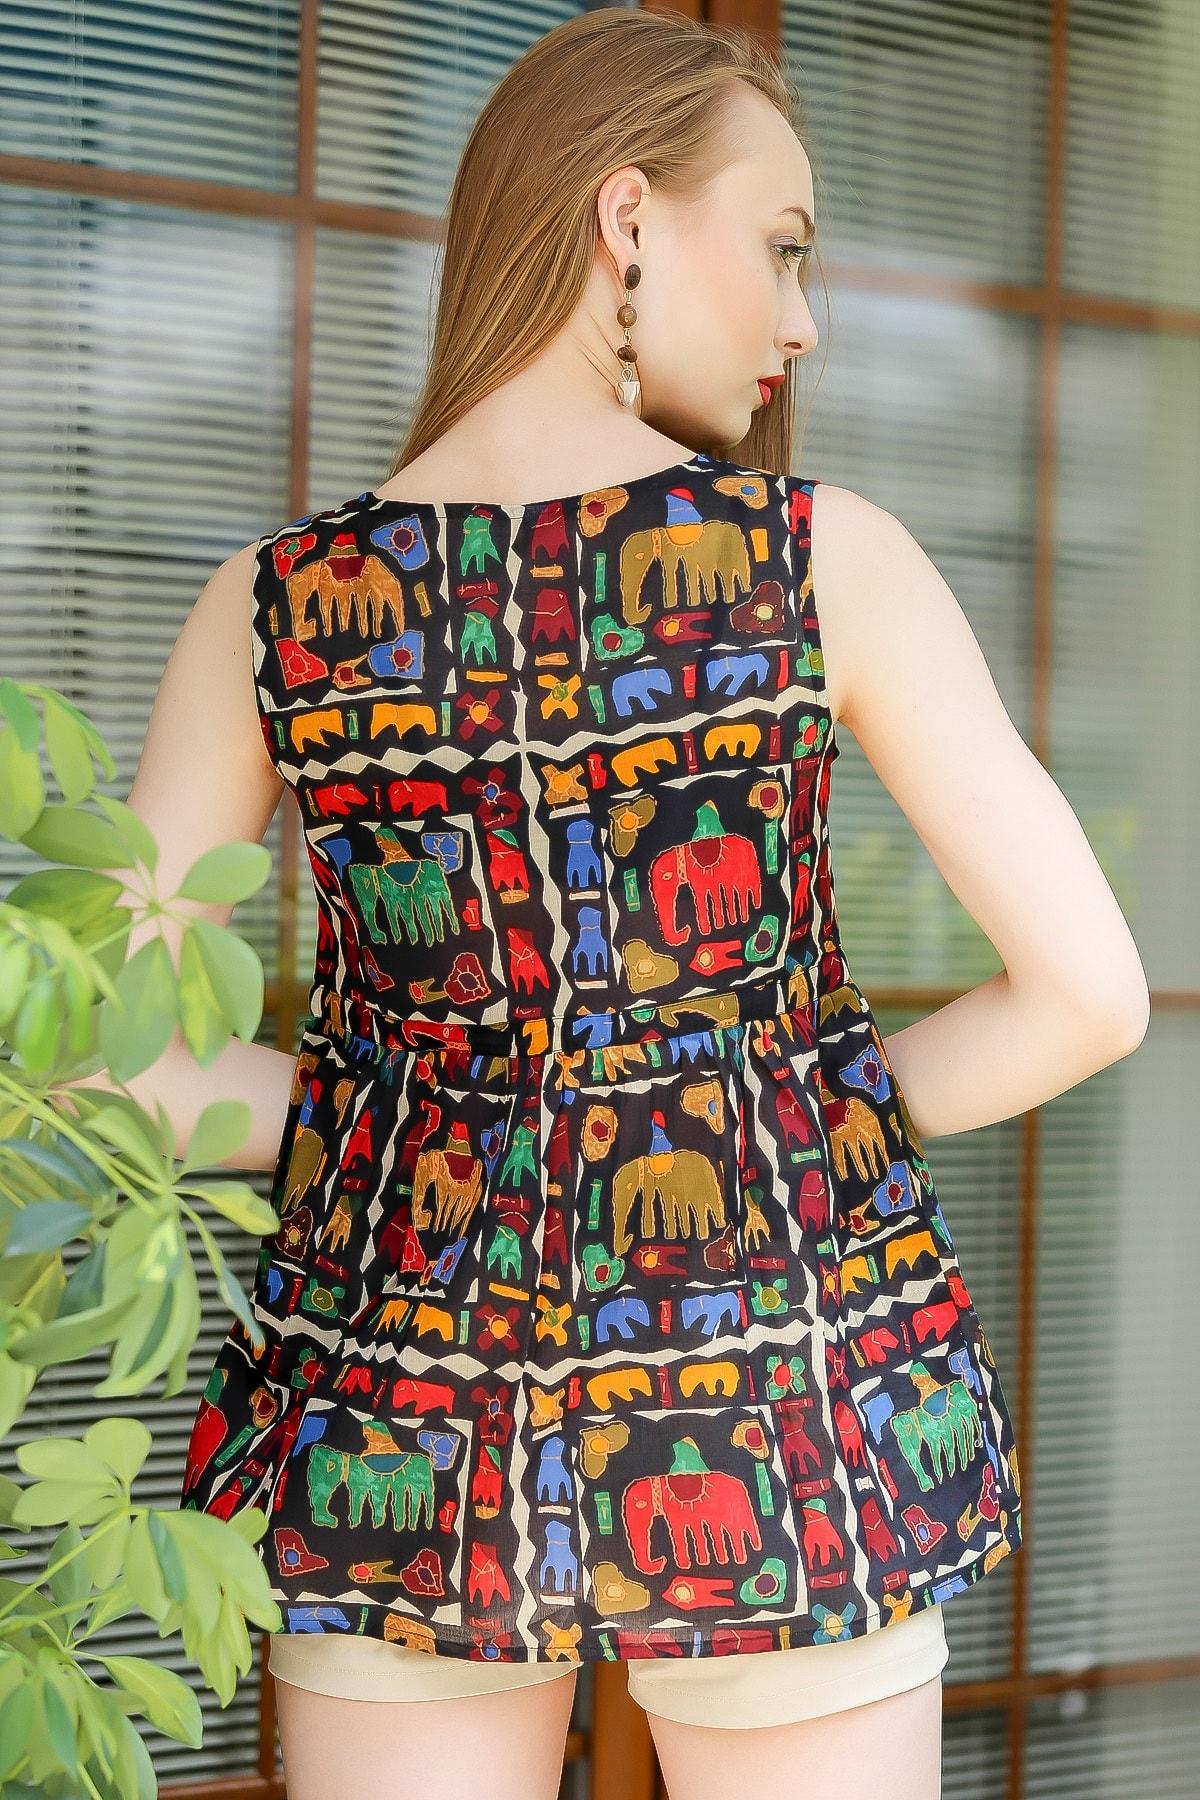 Chiccy Kadın Siyah Bohem Fil Baskılı Robadan Büzgülü Bluz M10010200BL96198 4